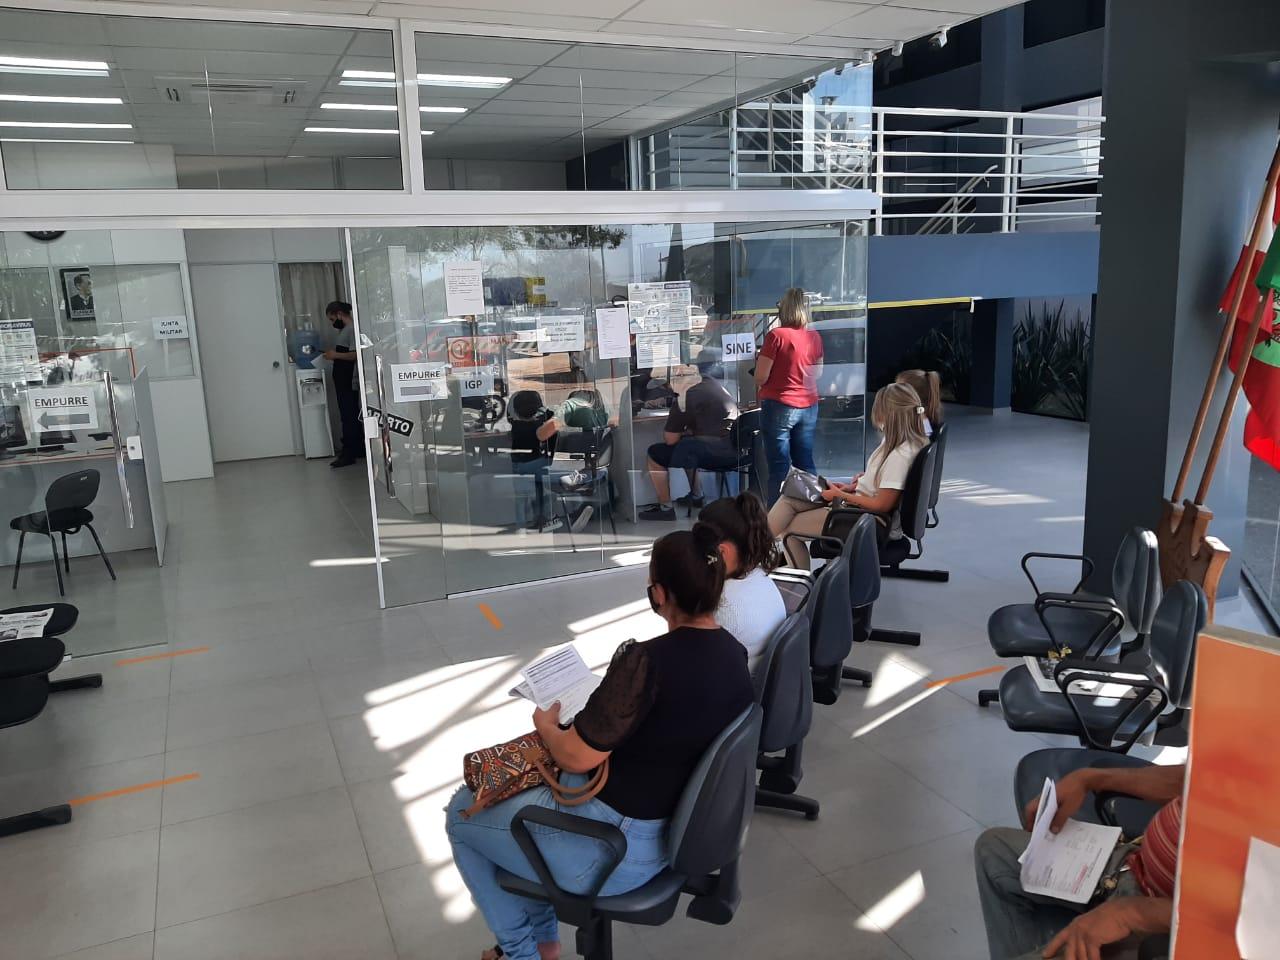 Comércio e serviços são os setores com maior saldo de empregos em Içara